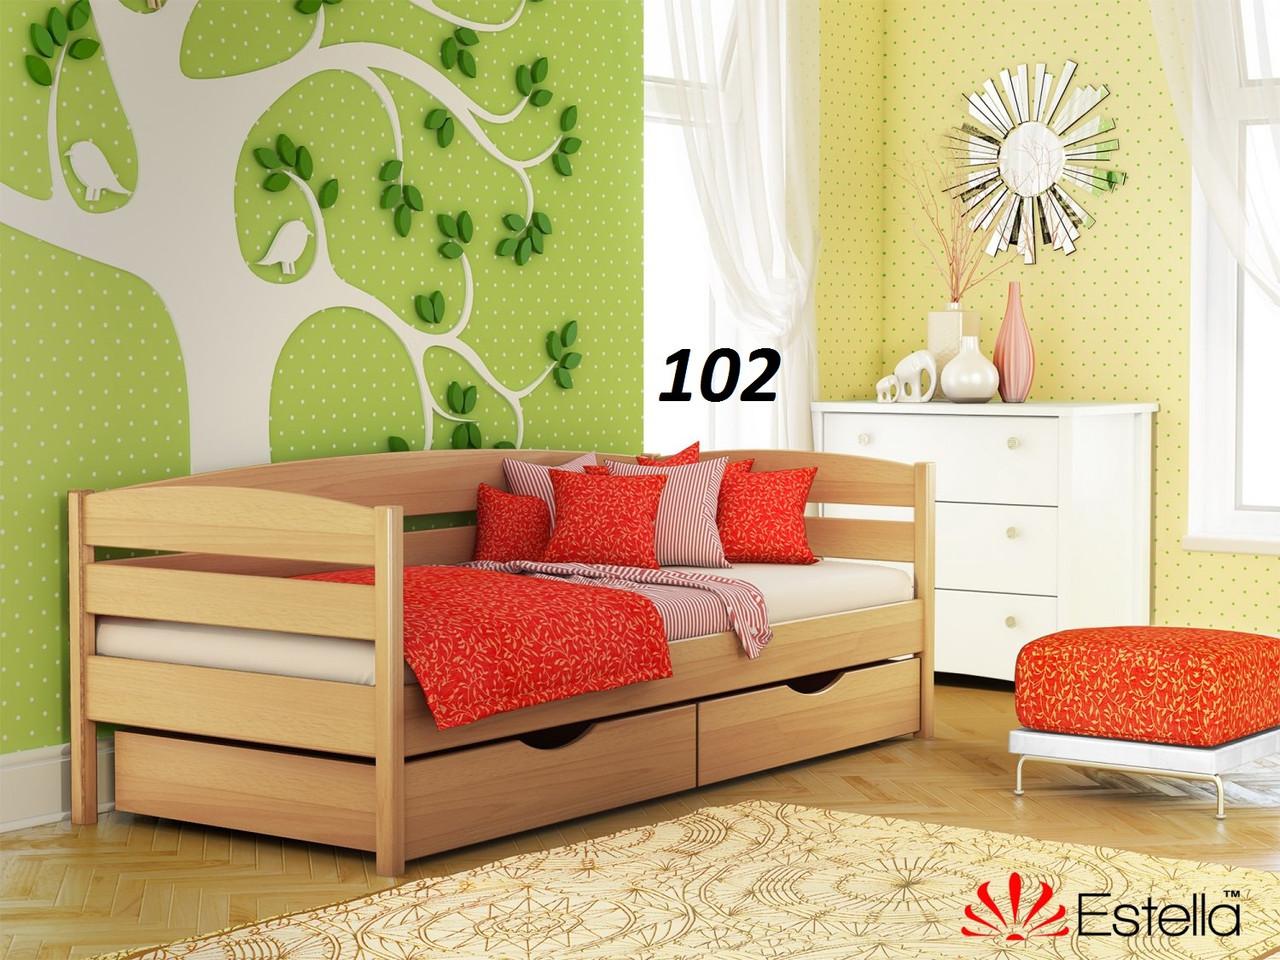 Детская Кровать Нота Плюс Бук Щит 102 (Эстелла-ТМ)